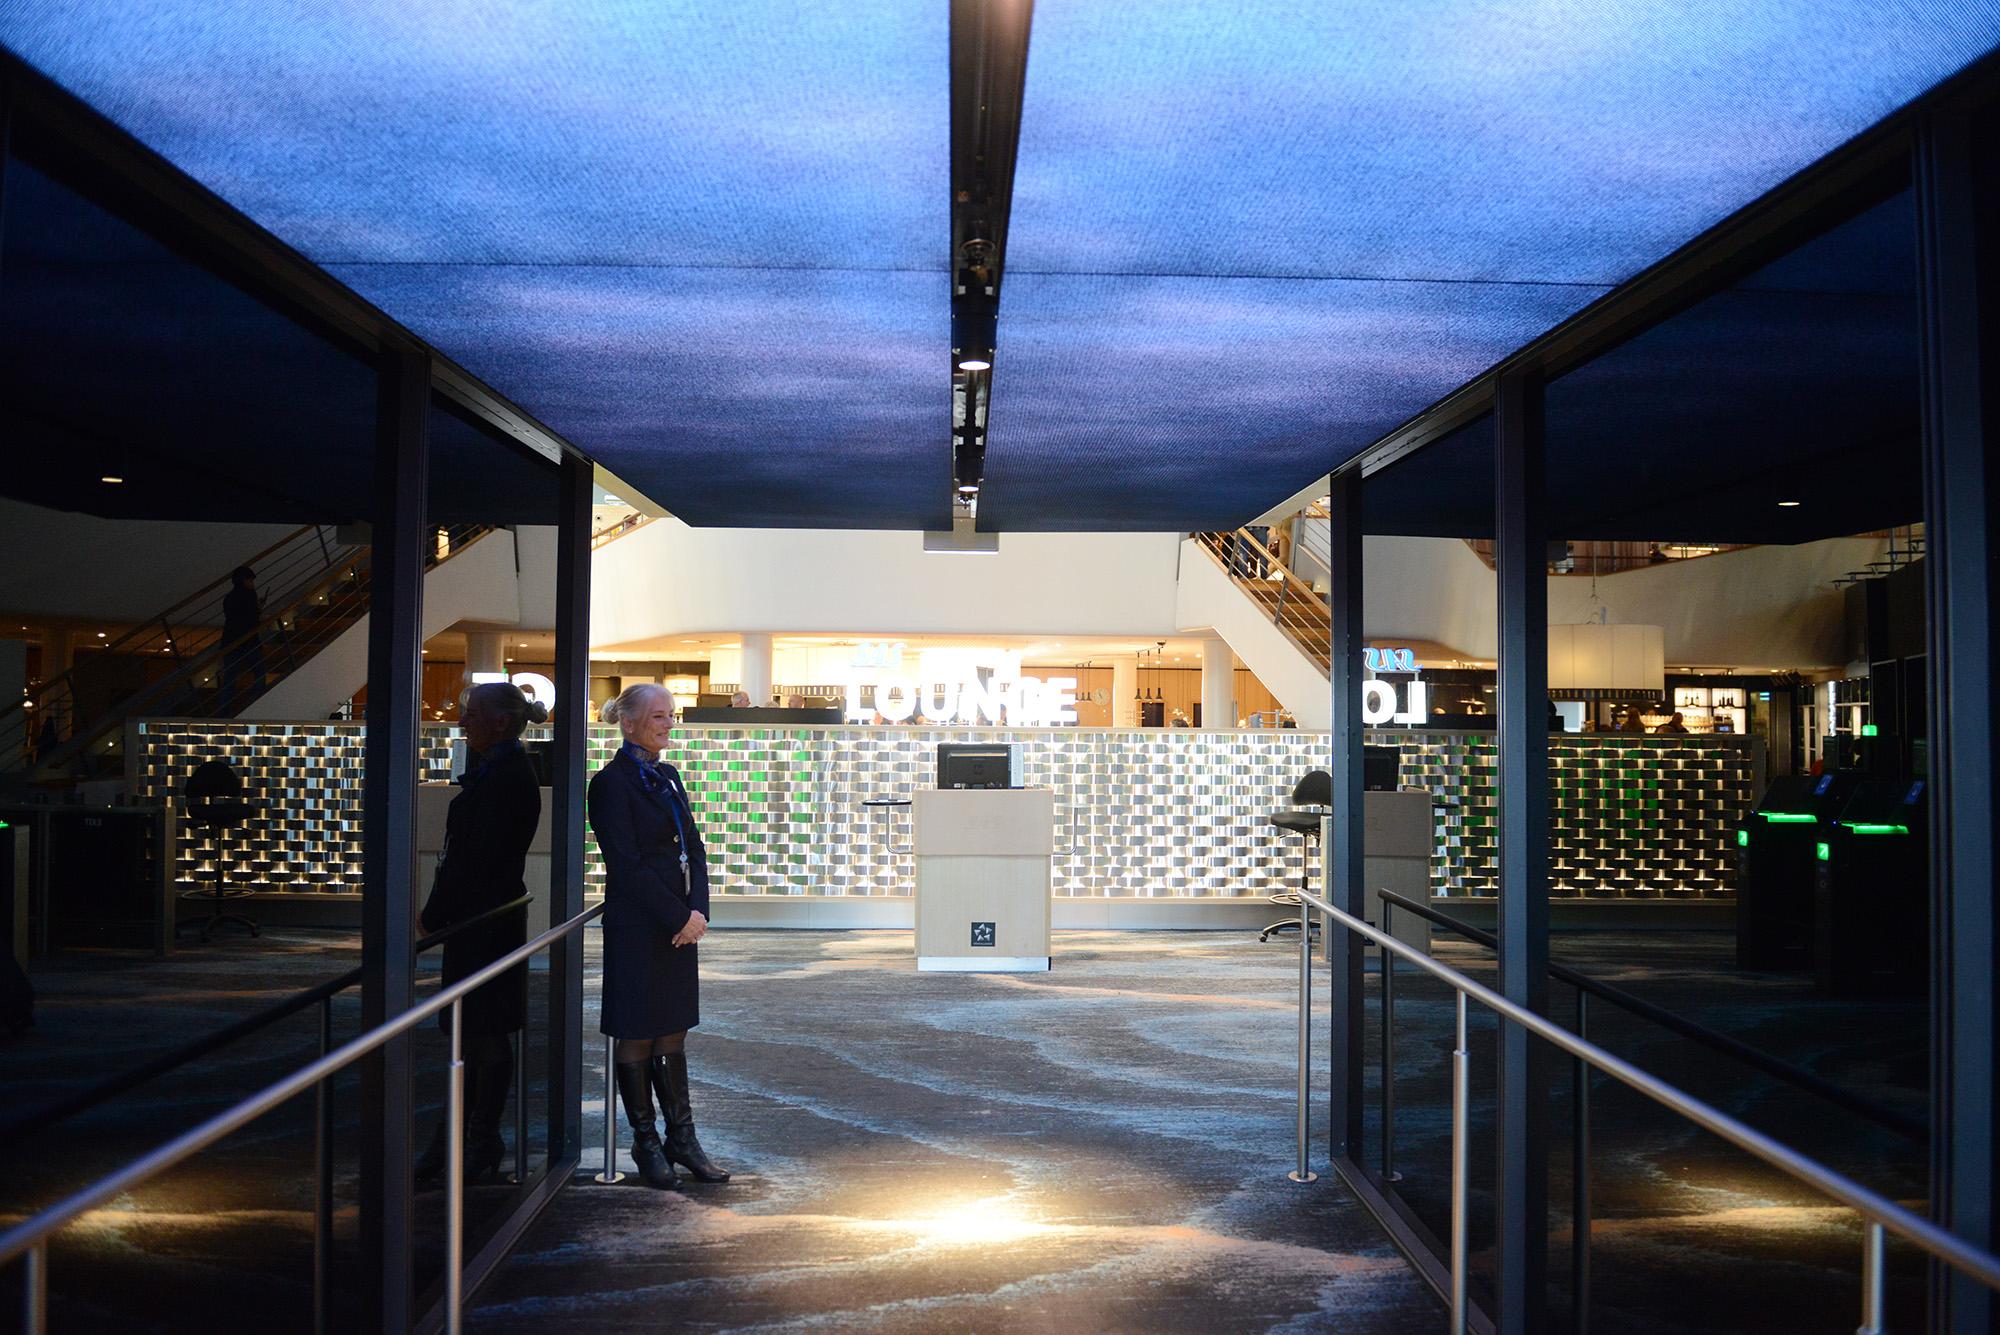 Indgangspartiet har fået nyt lys i loftet. (Foto: Joakim J. Hvistendahl)